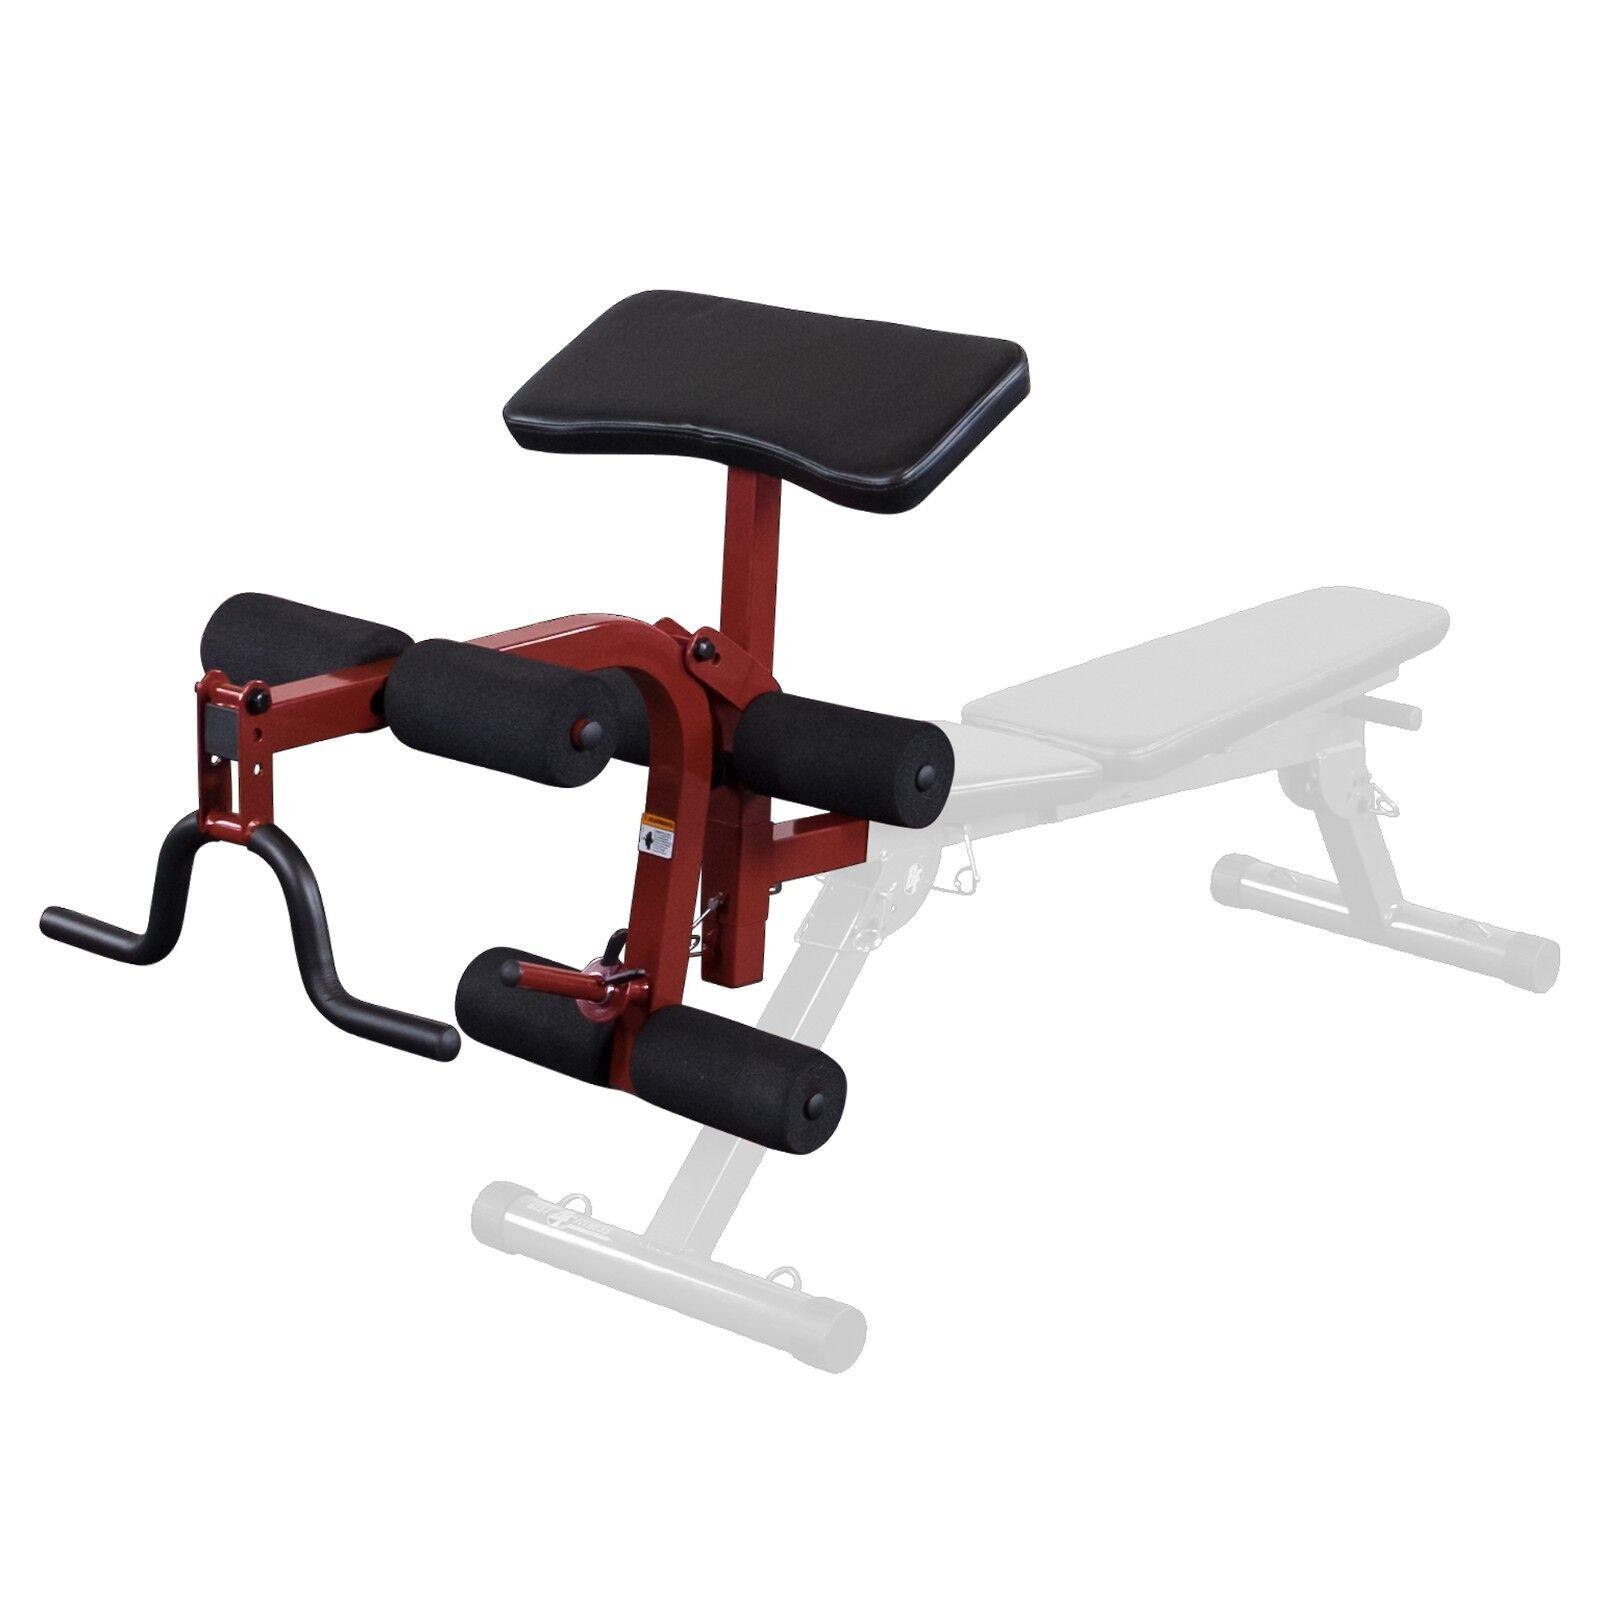 Best Fitness Folding Bench Leg & Preacher Attachment - BFPL10